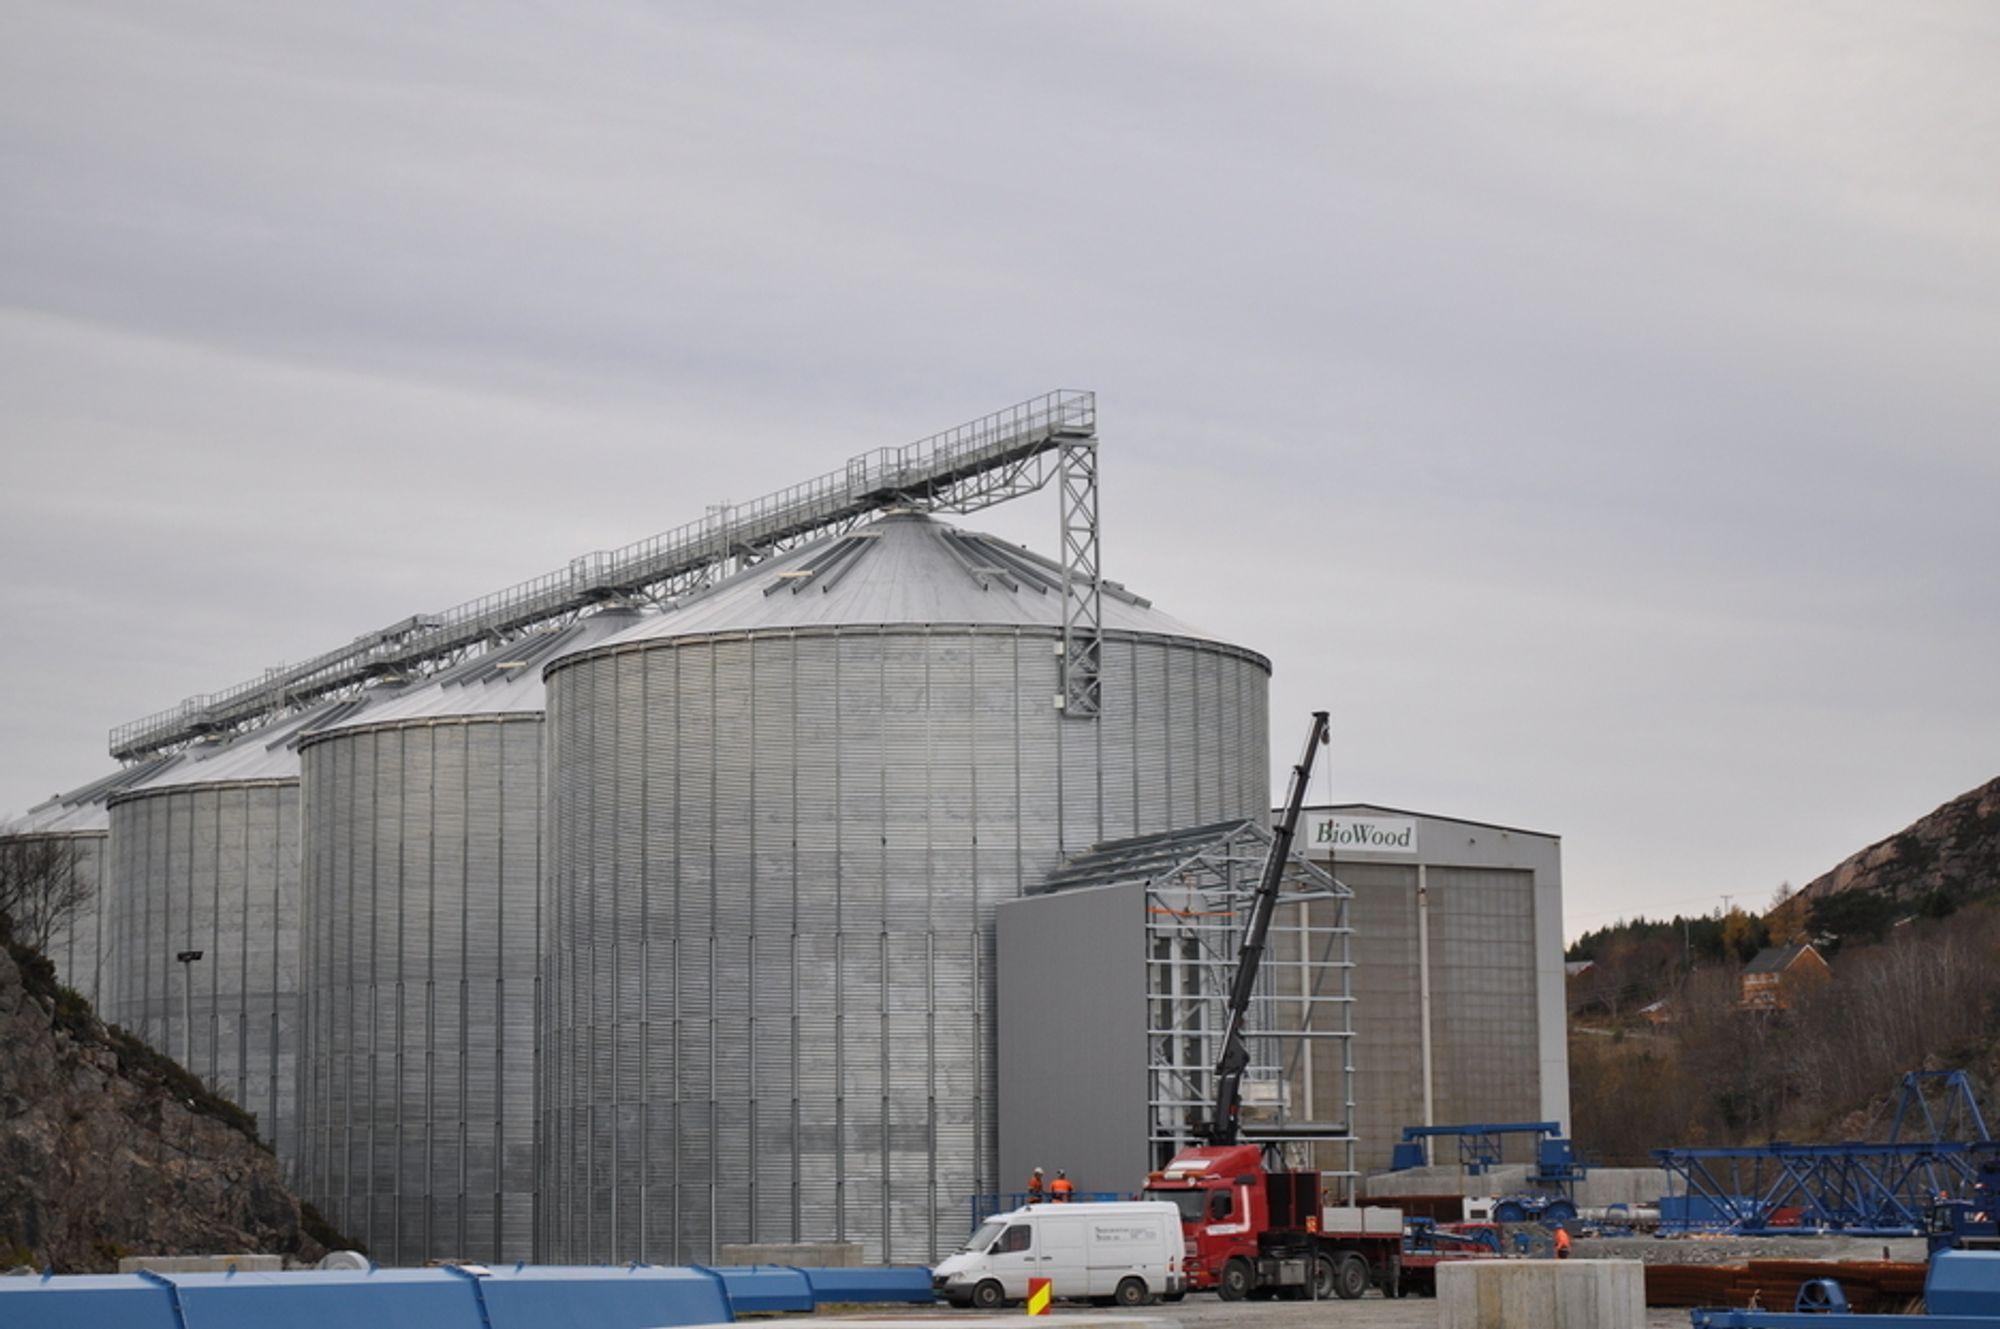 PELLETSFABRIKKER: Europas største pelletsfabrikk åpner til sommeren. I mars starter prøveproduksjonen, i stor grad med utenlandsk trevirke som innsatsmiddel.